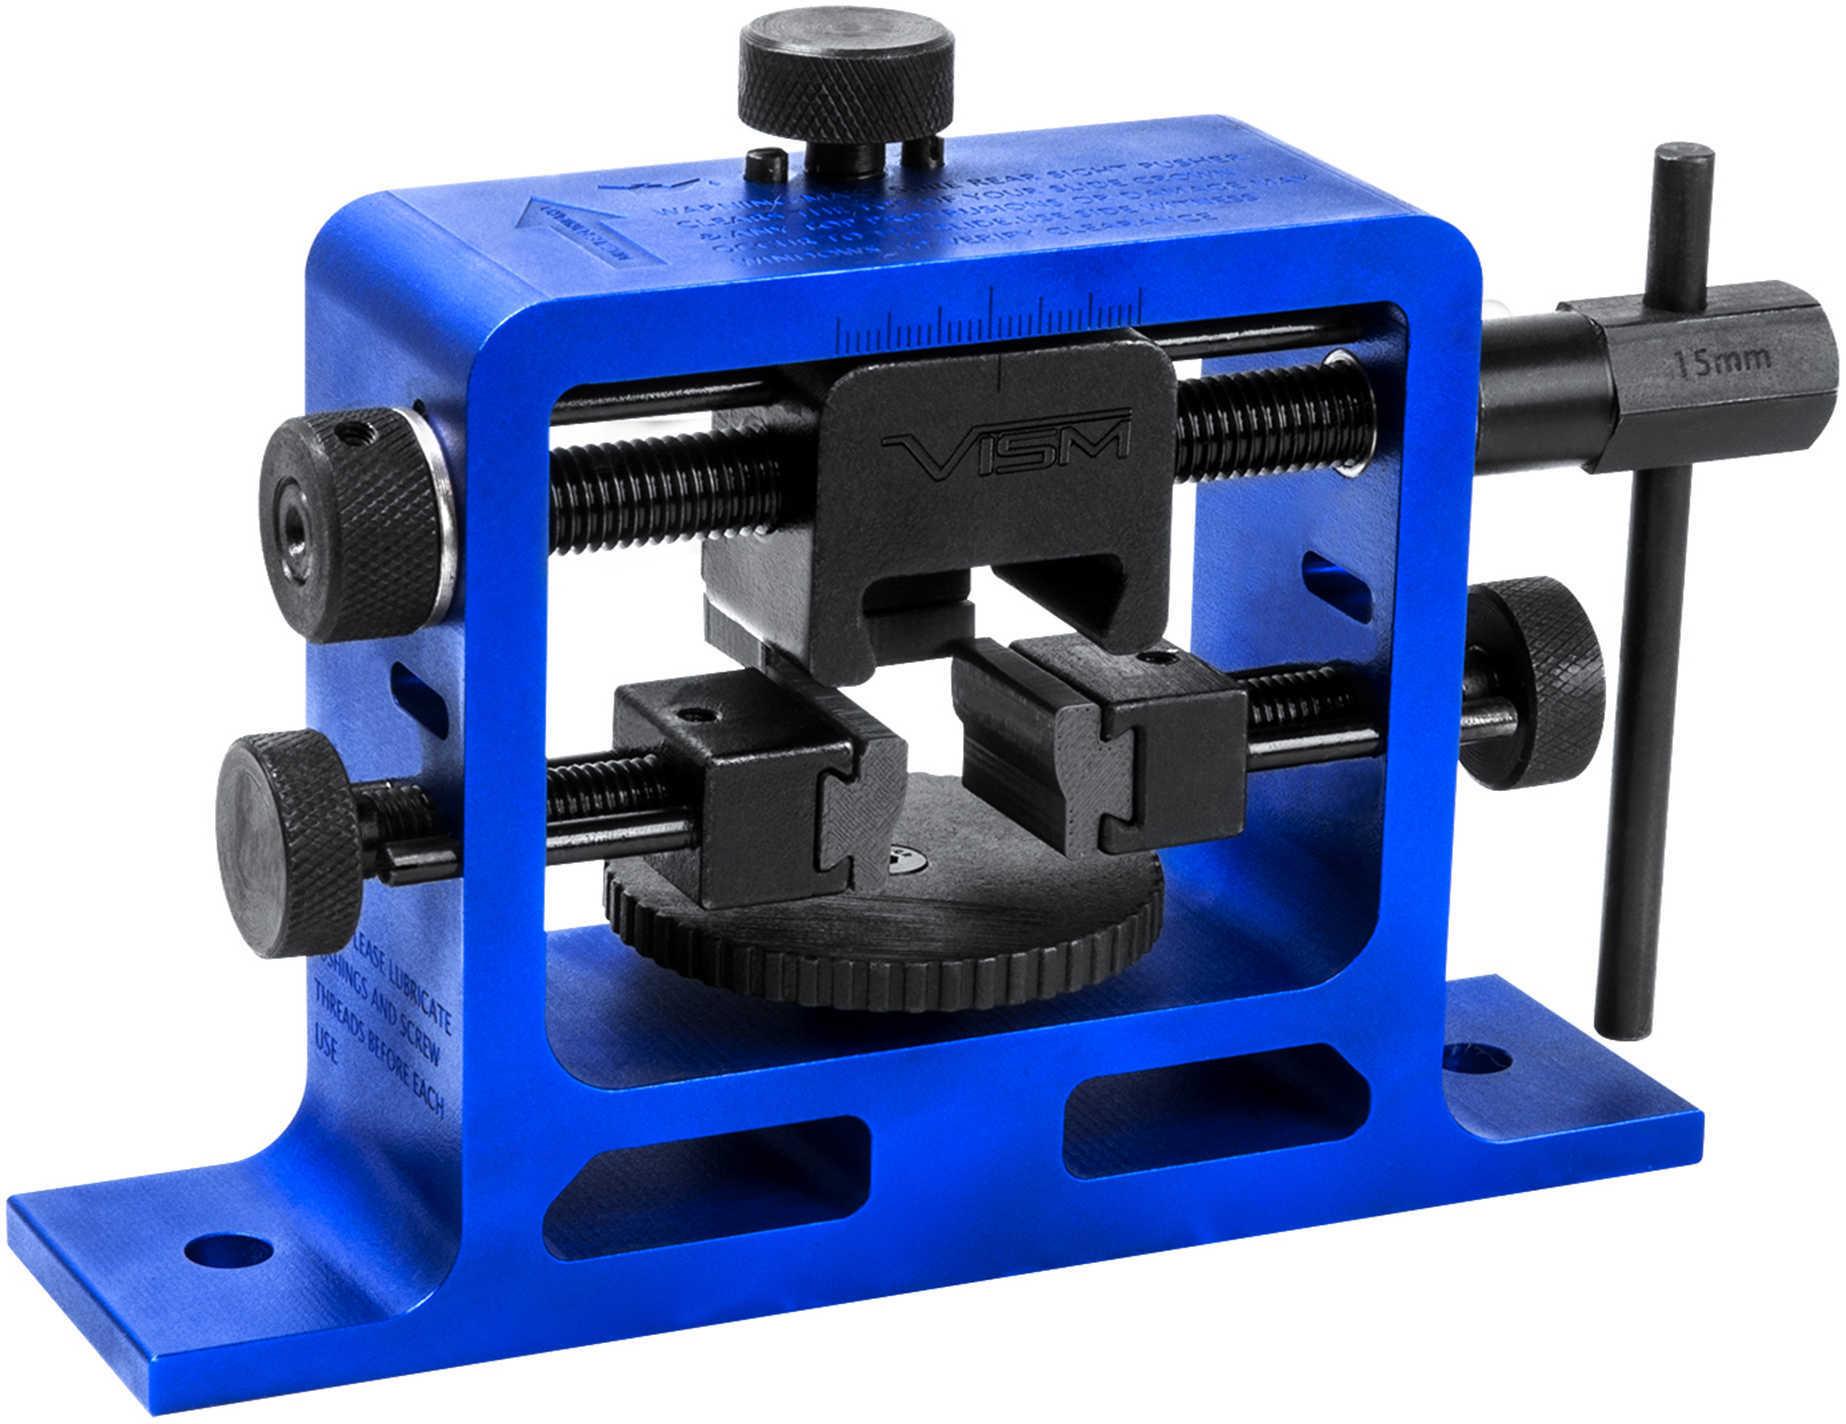 NcStar Universal Pistol Rear Sight Tool, Blue Md: VTUPRS